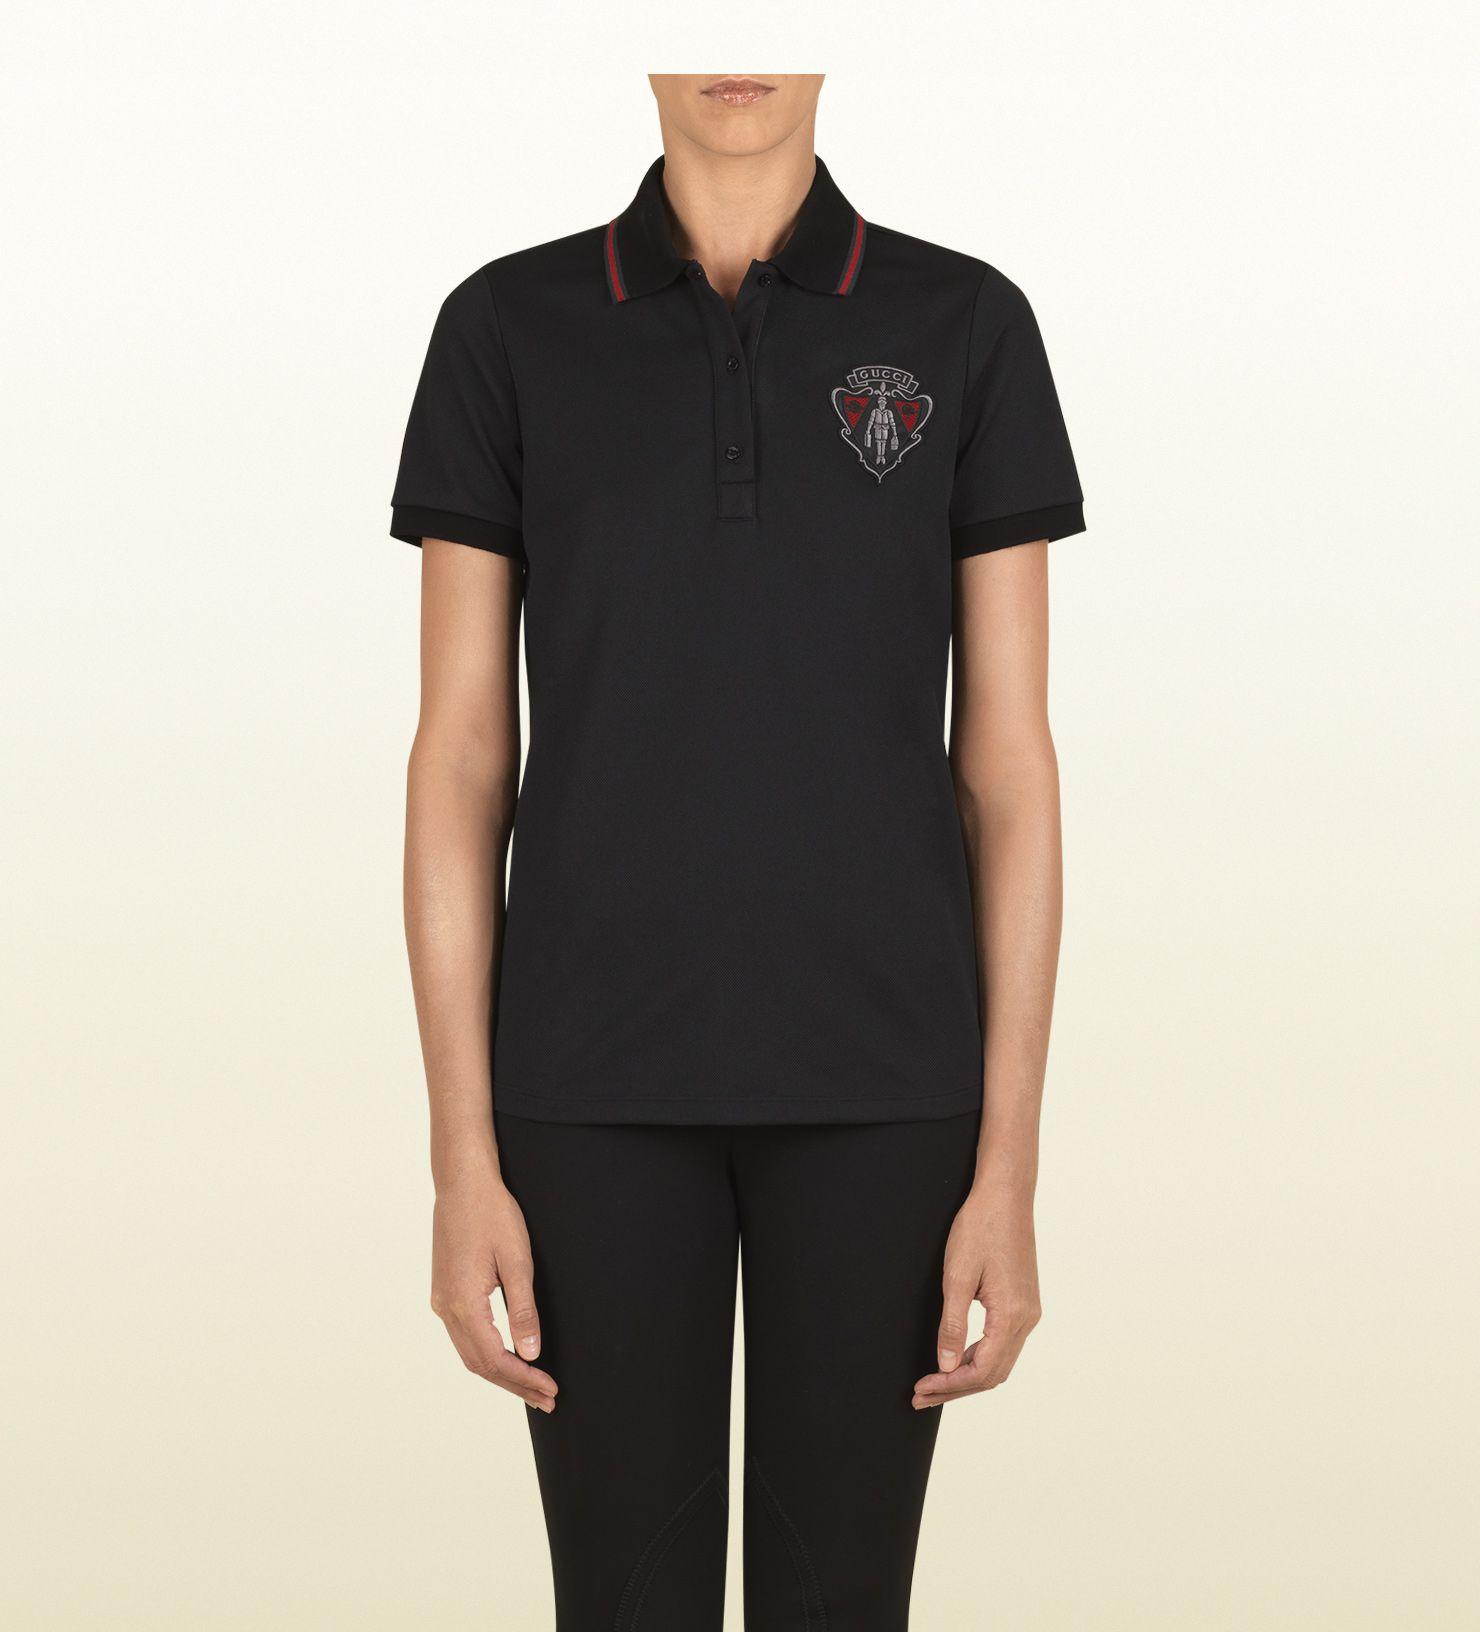 #gift Gucci polo nera a manica corta con gucci crest collezione equestrian  nero